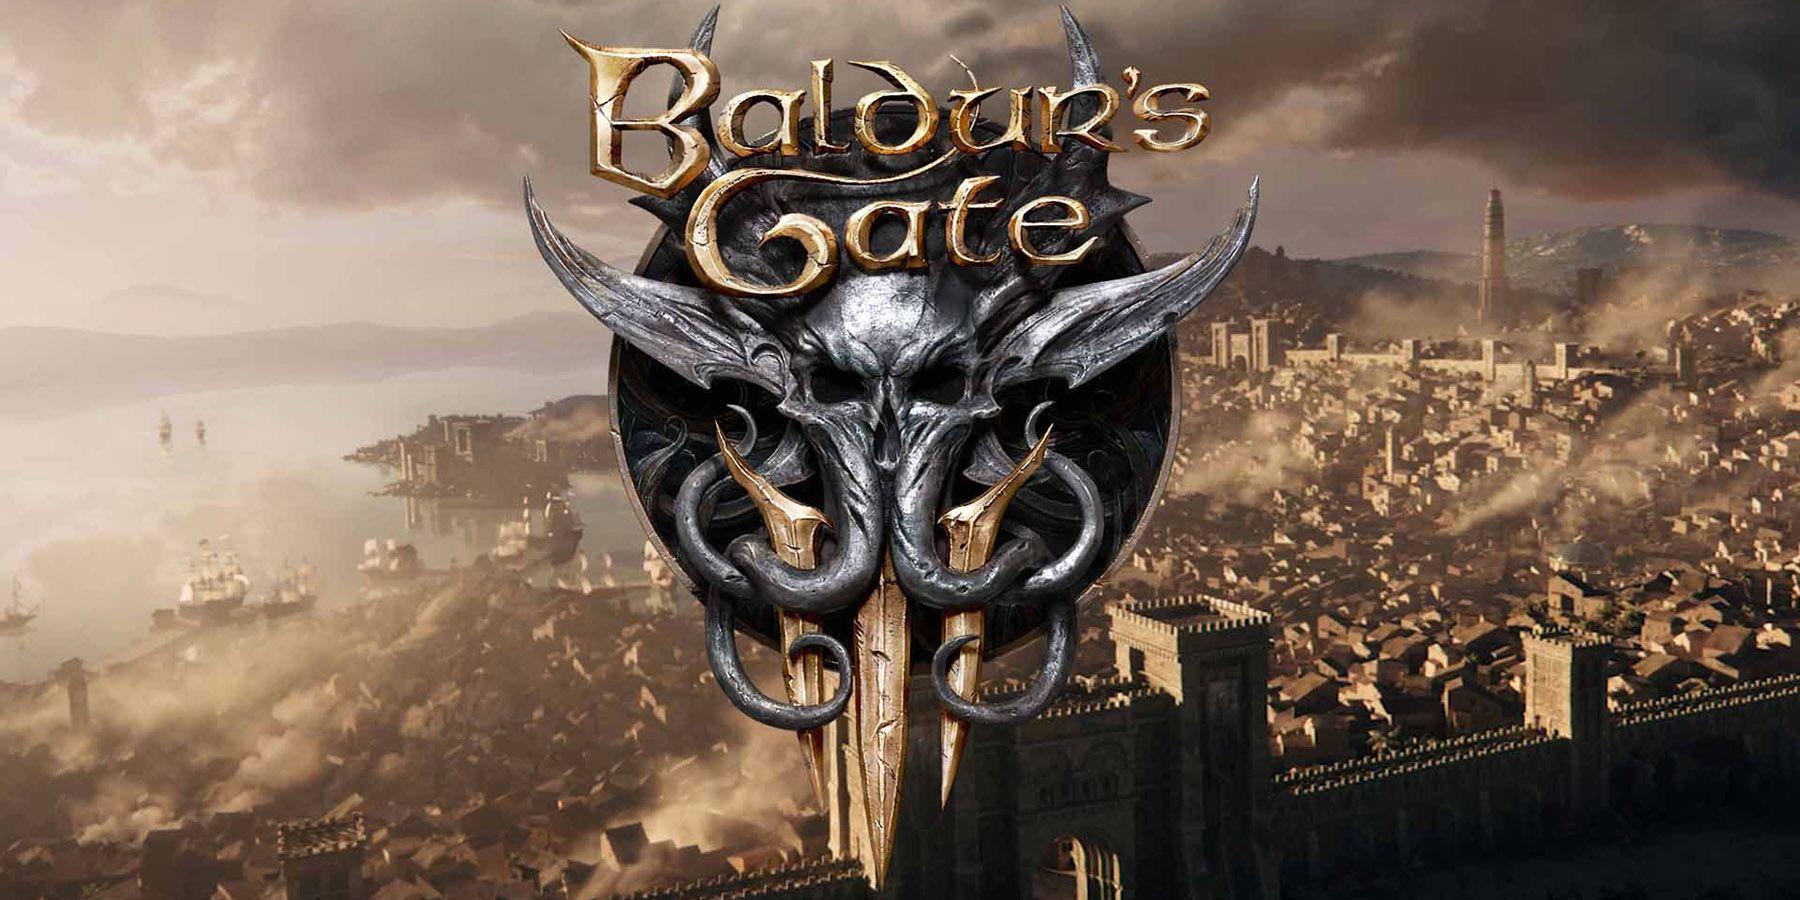 Baldur S Gate Series History What It Means For Baldur S Gate 3